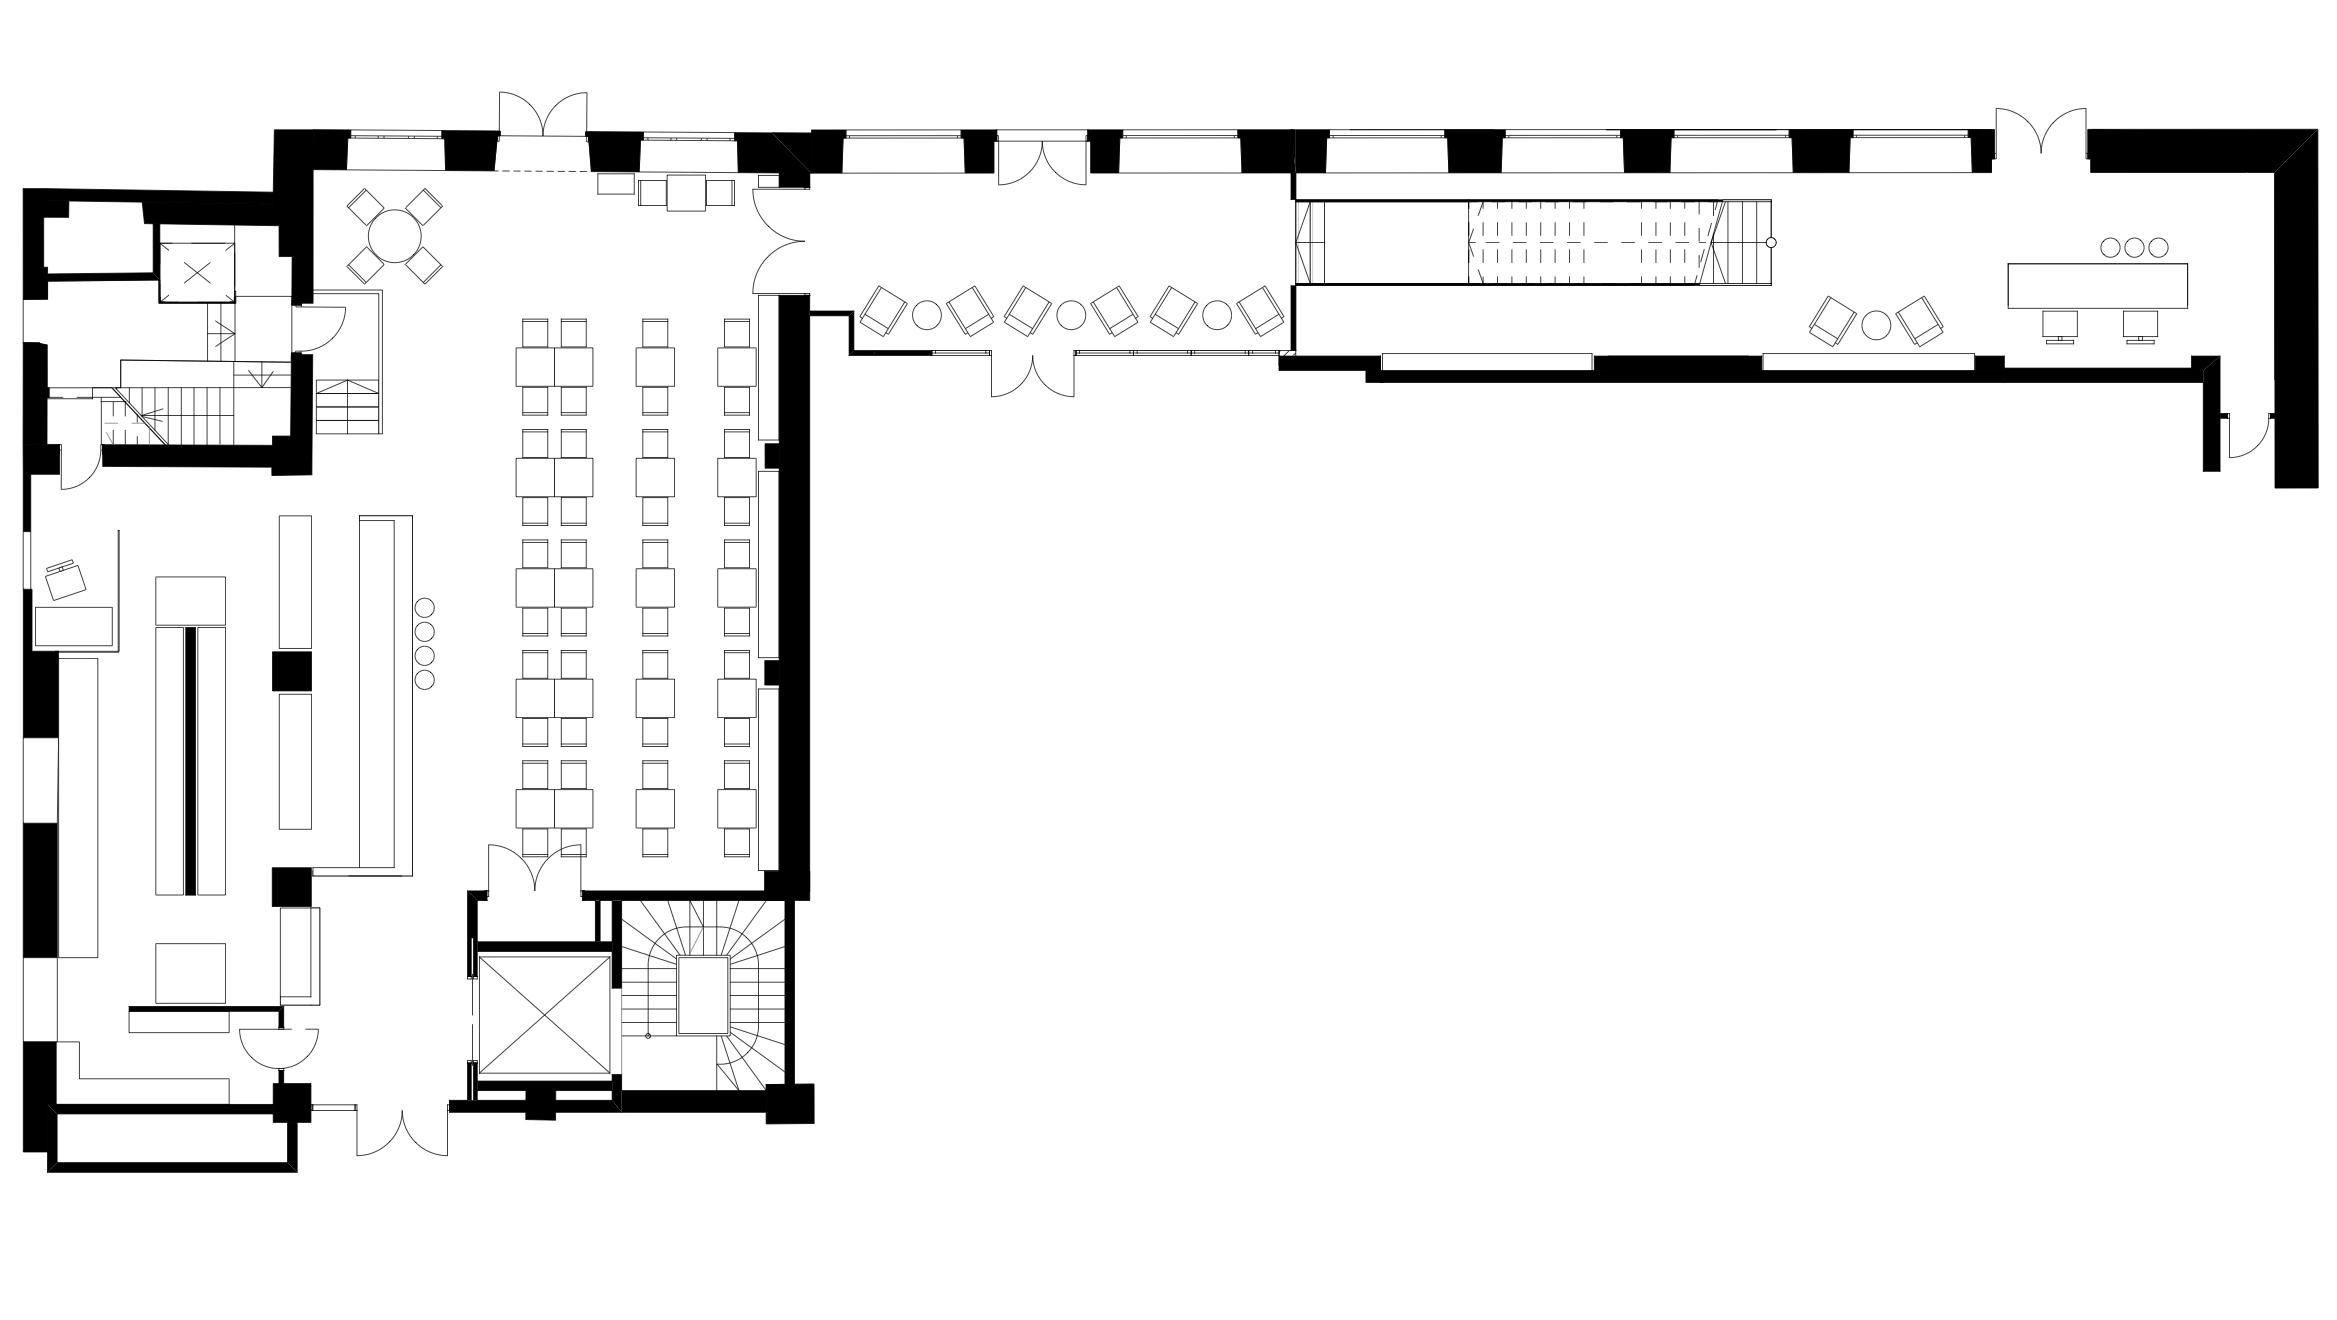 hannakarits-restoran-korsten-plaan.jpg